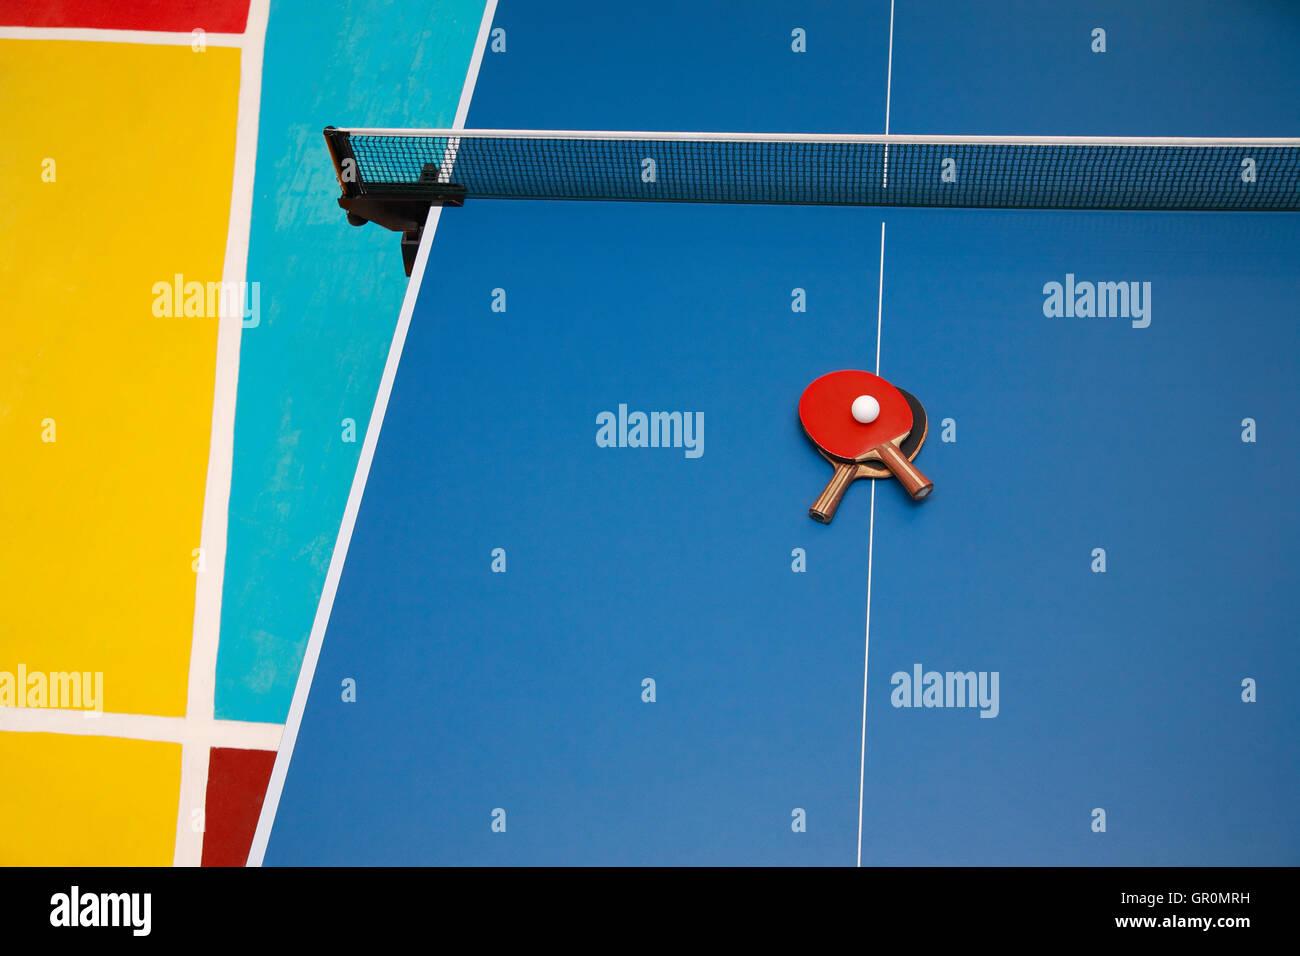 Raquetas de tenis de mesa azul de color rojo y negro y una pelota de ping-pong, una vista desde arriba Imagen De Stock